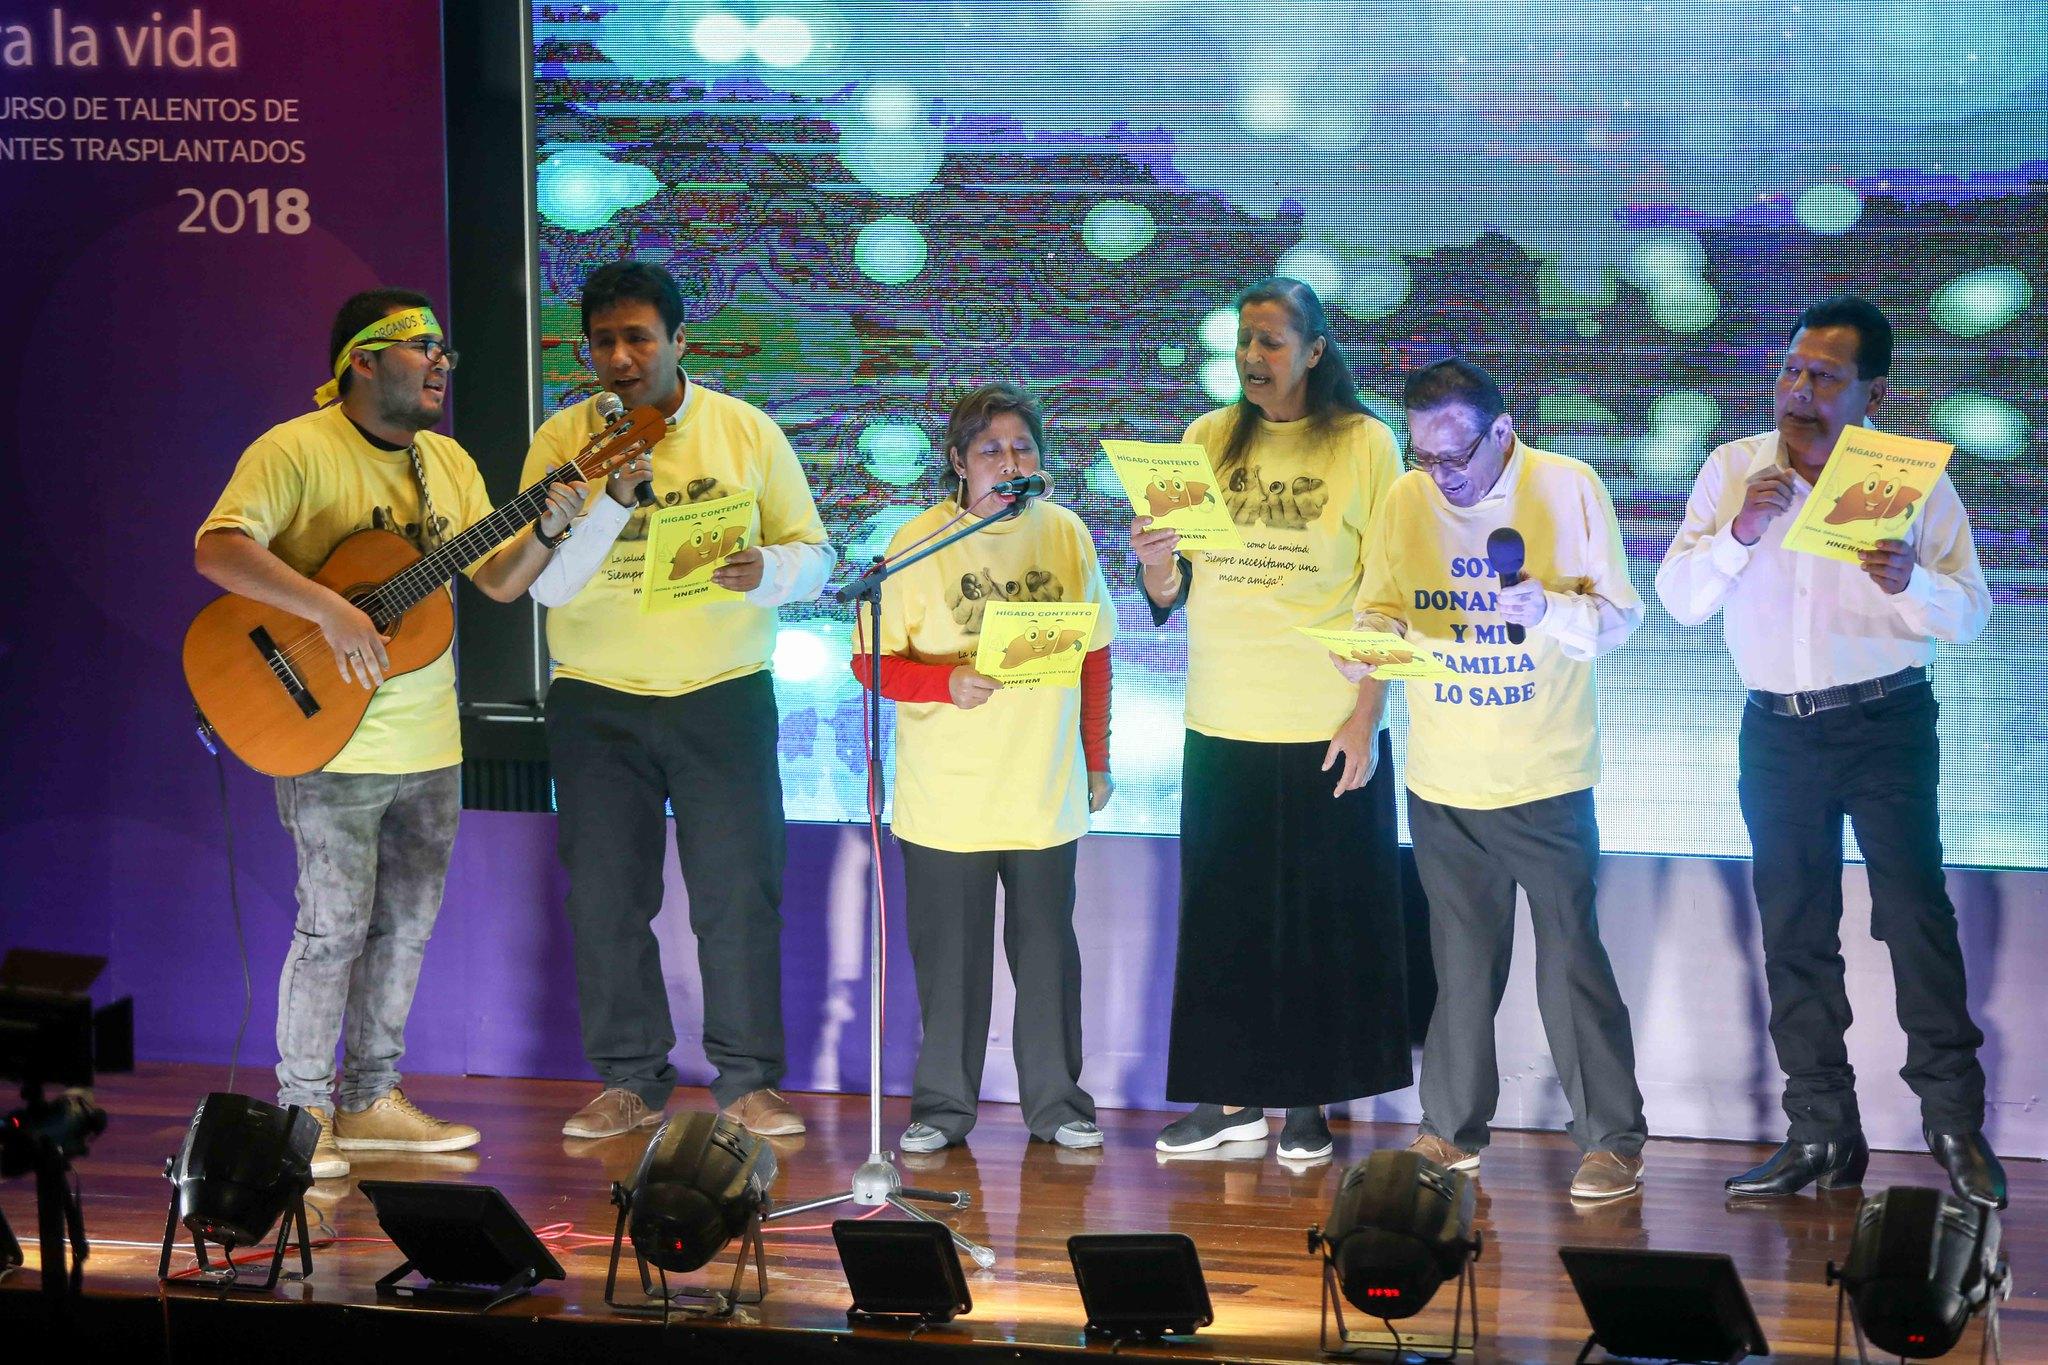 Essalud - Pacientes trasplantados participarán en concurso de canto y baile organizado por EsSalud